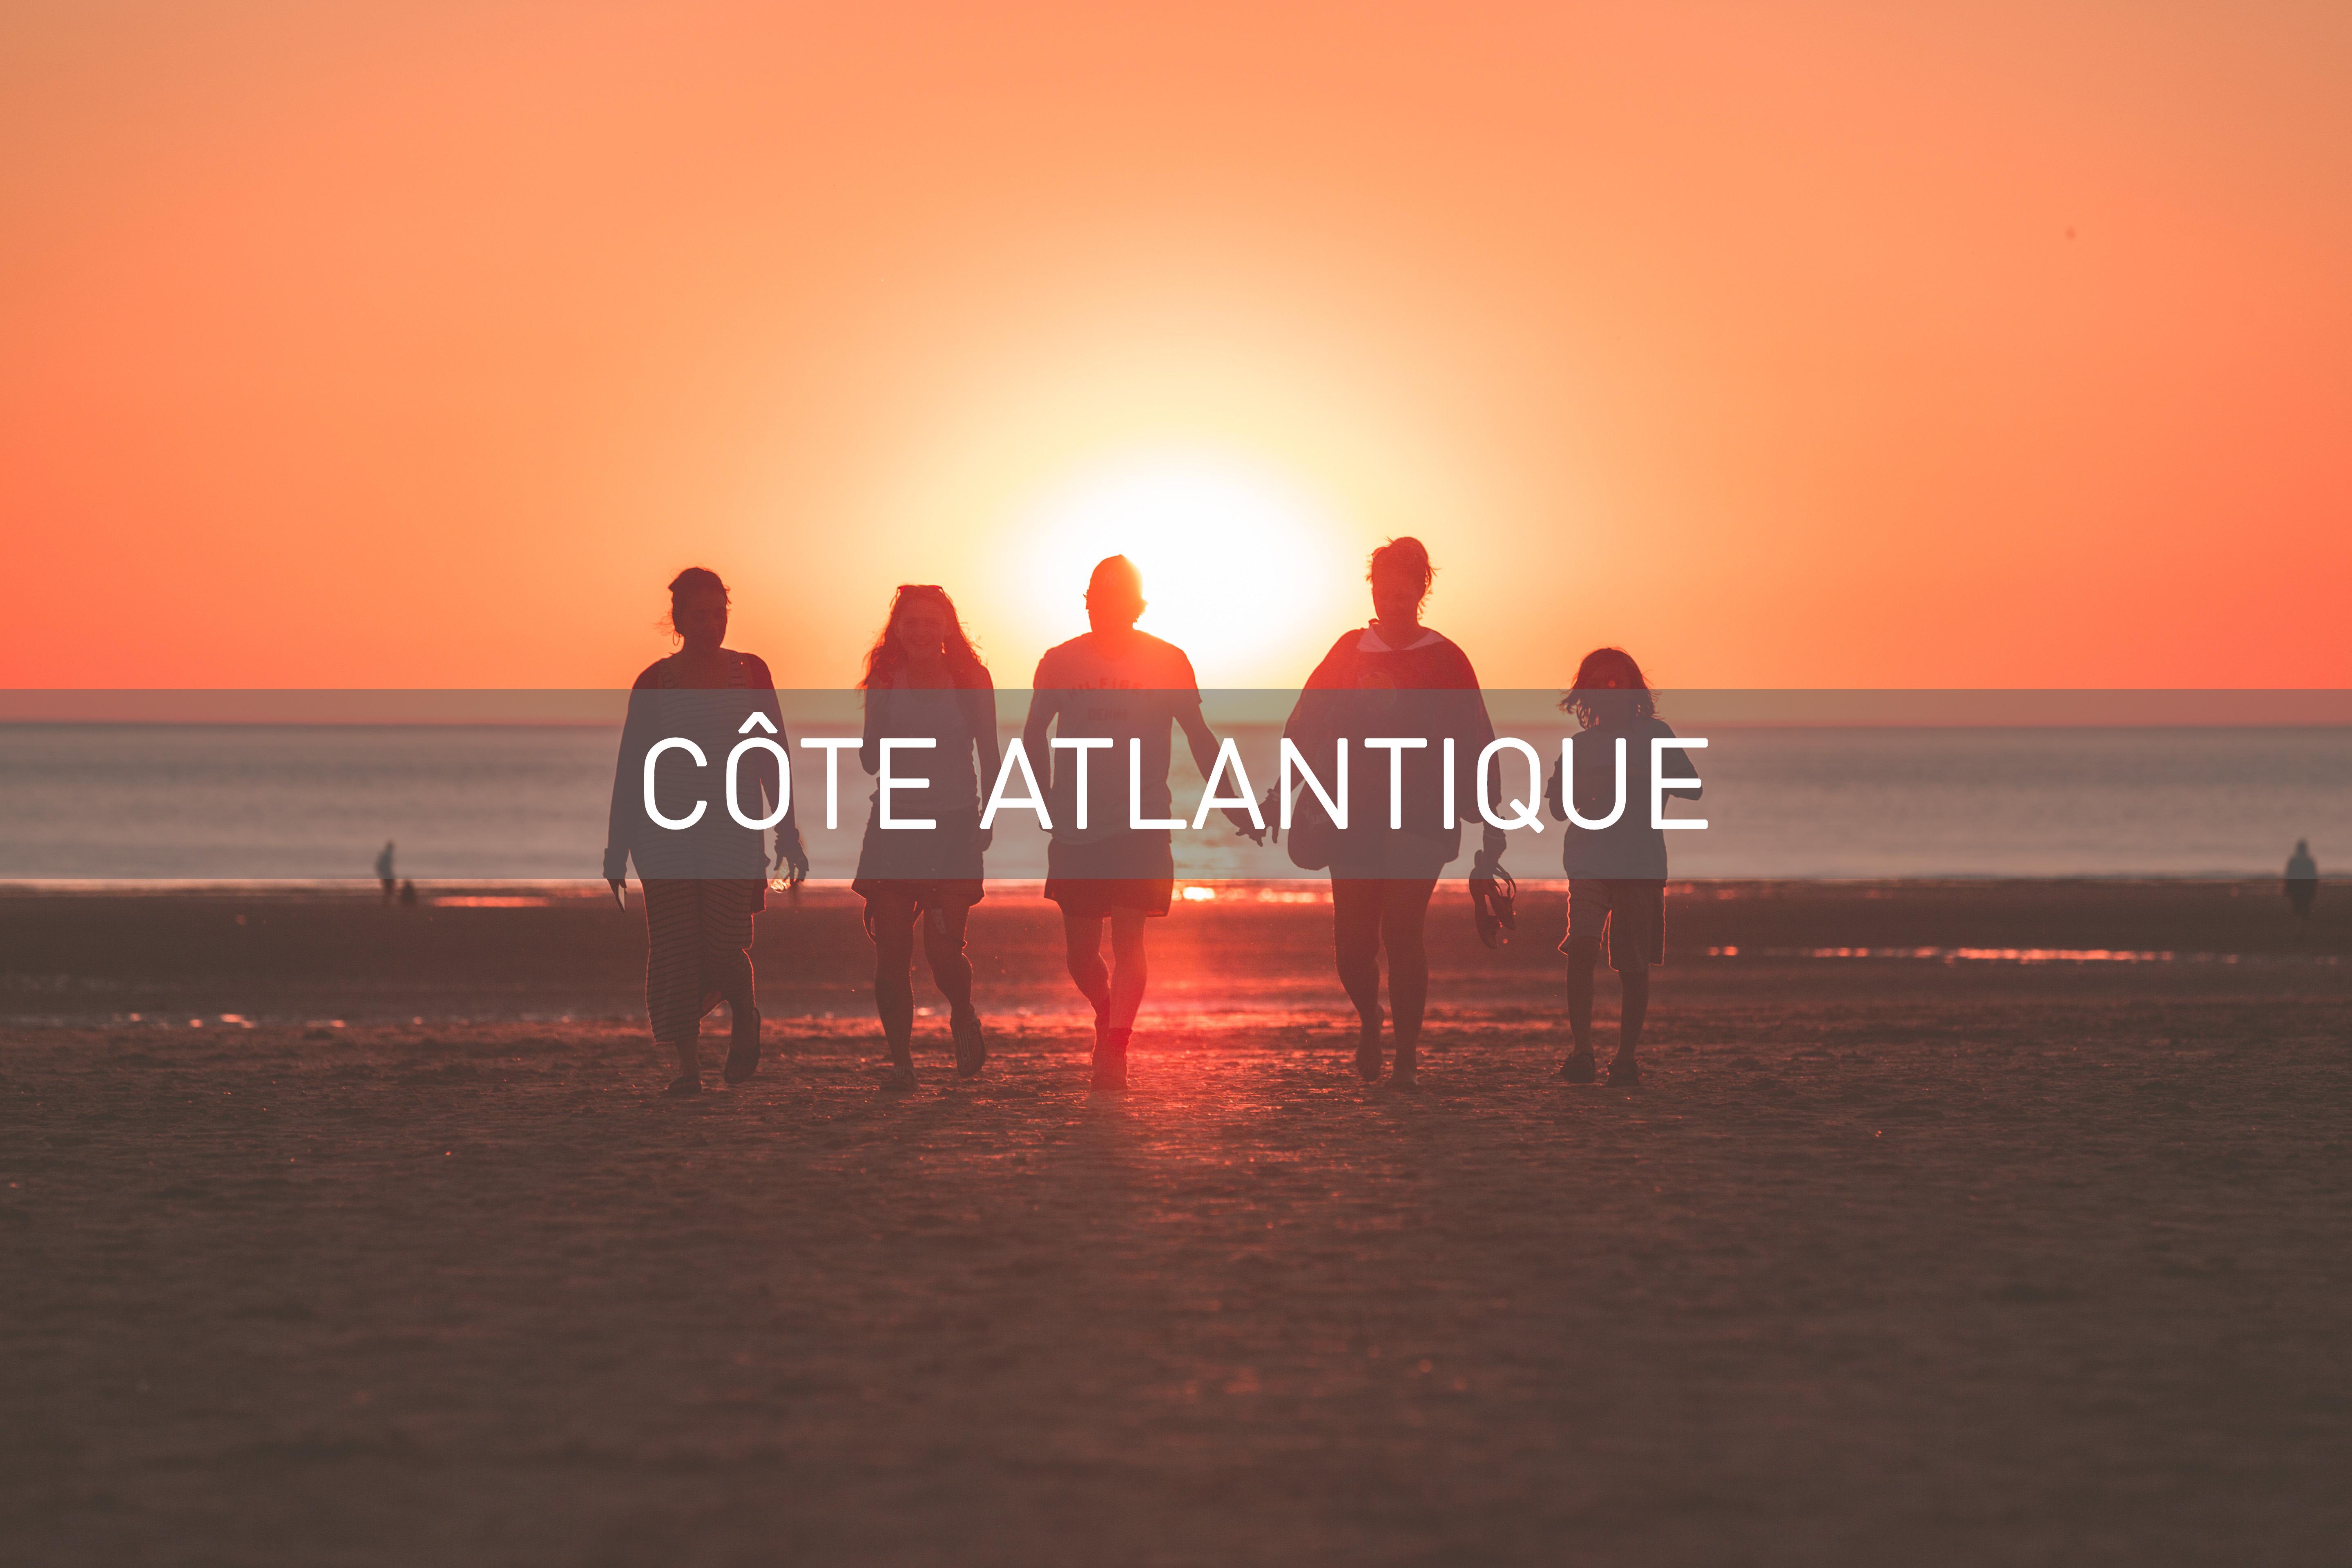 cote atlantique